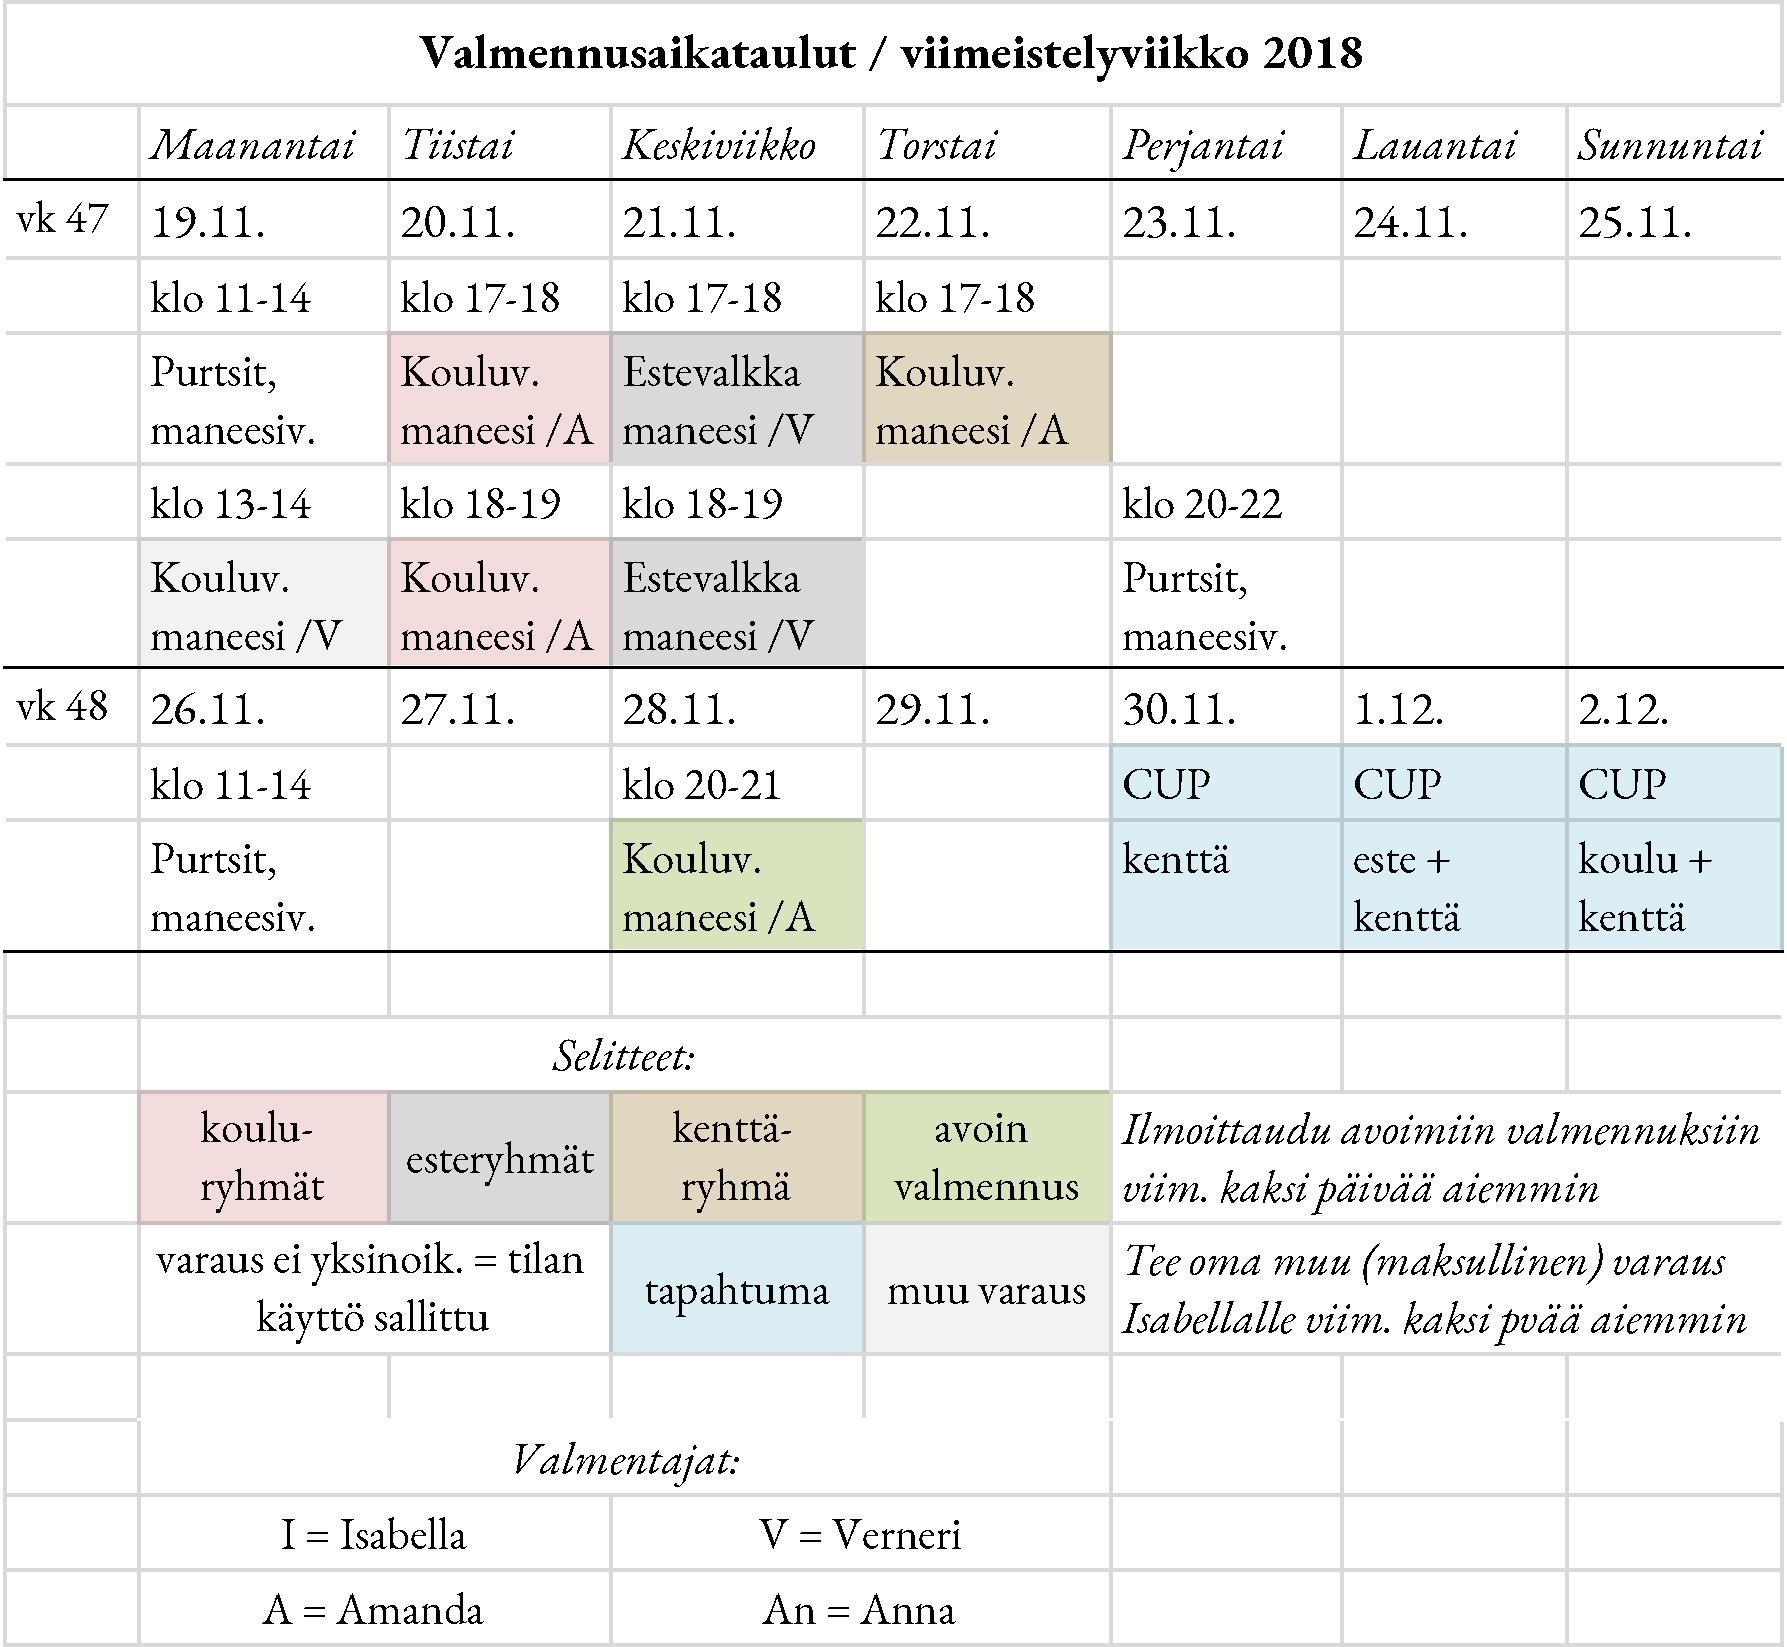 Viimeistelyviikko 11/2018 Valmennukset112018